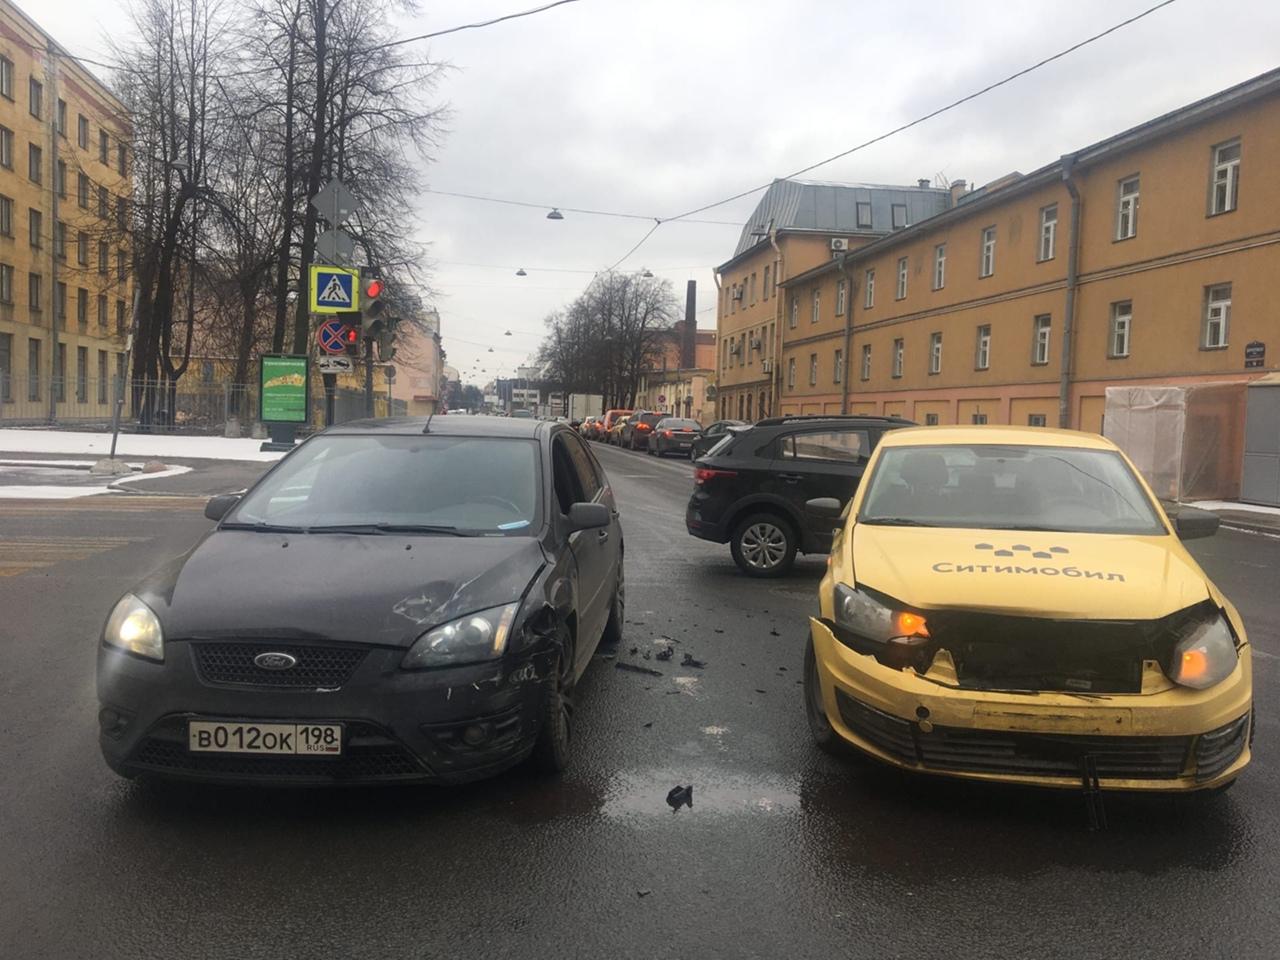 Сегодня в районе 10:00 на перекрёстке Днепропетровской и Курской я попал в ДТП, в котором не виноват...